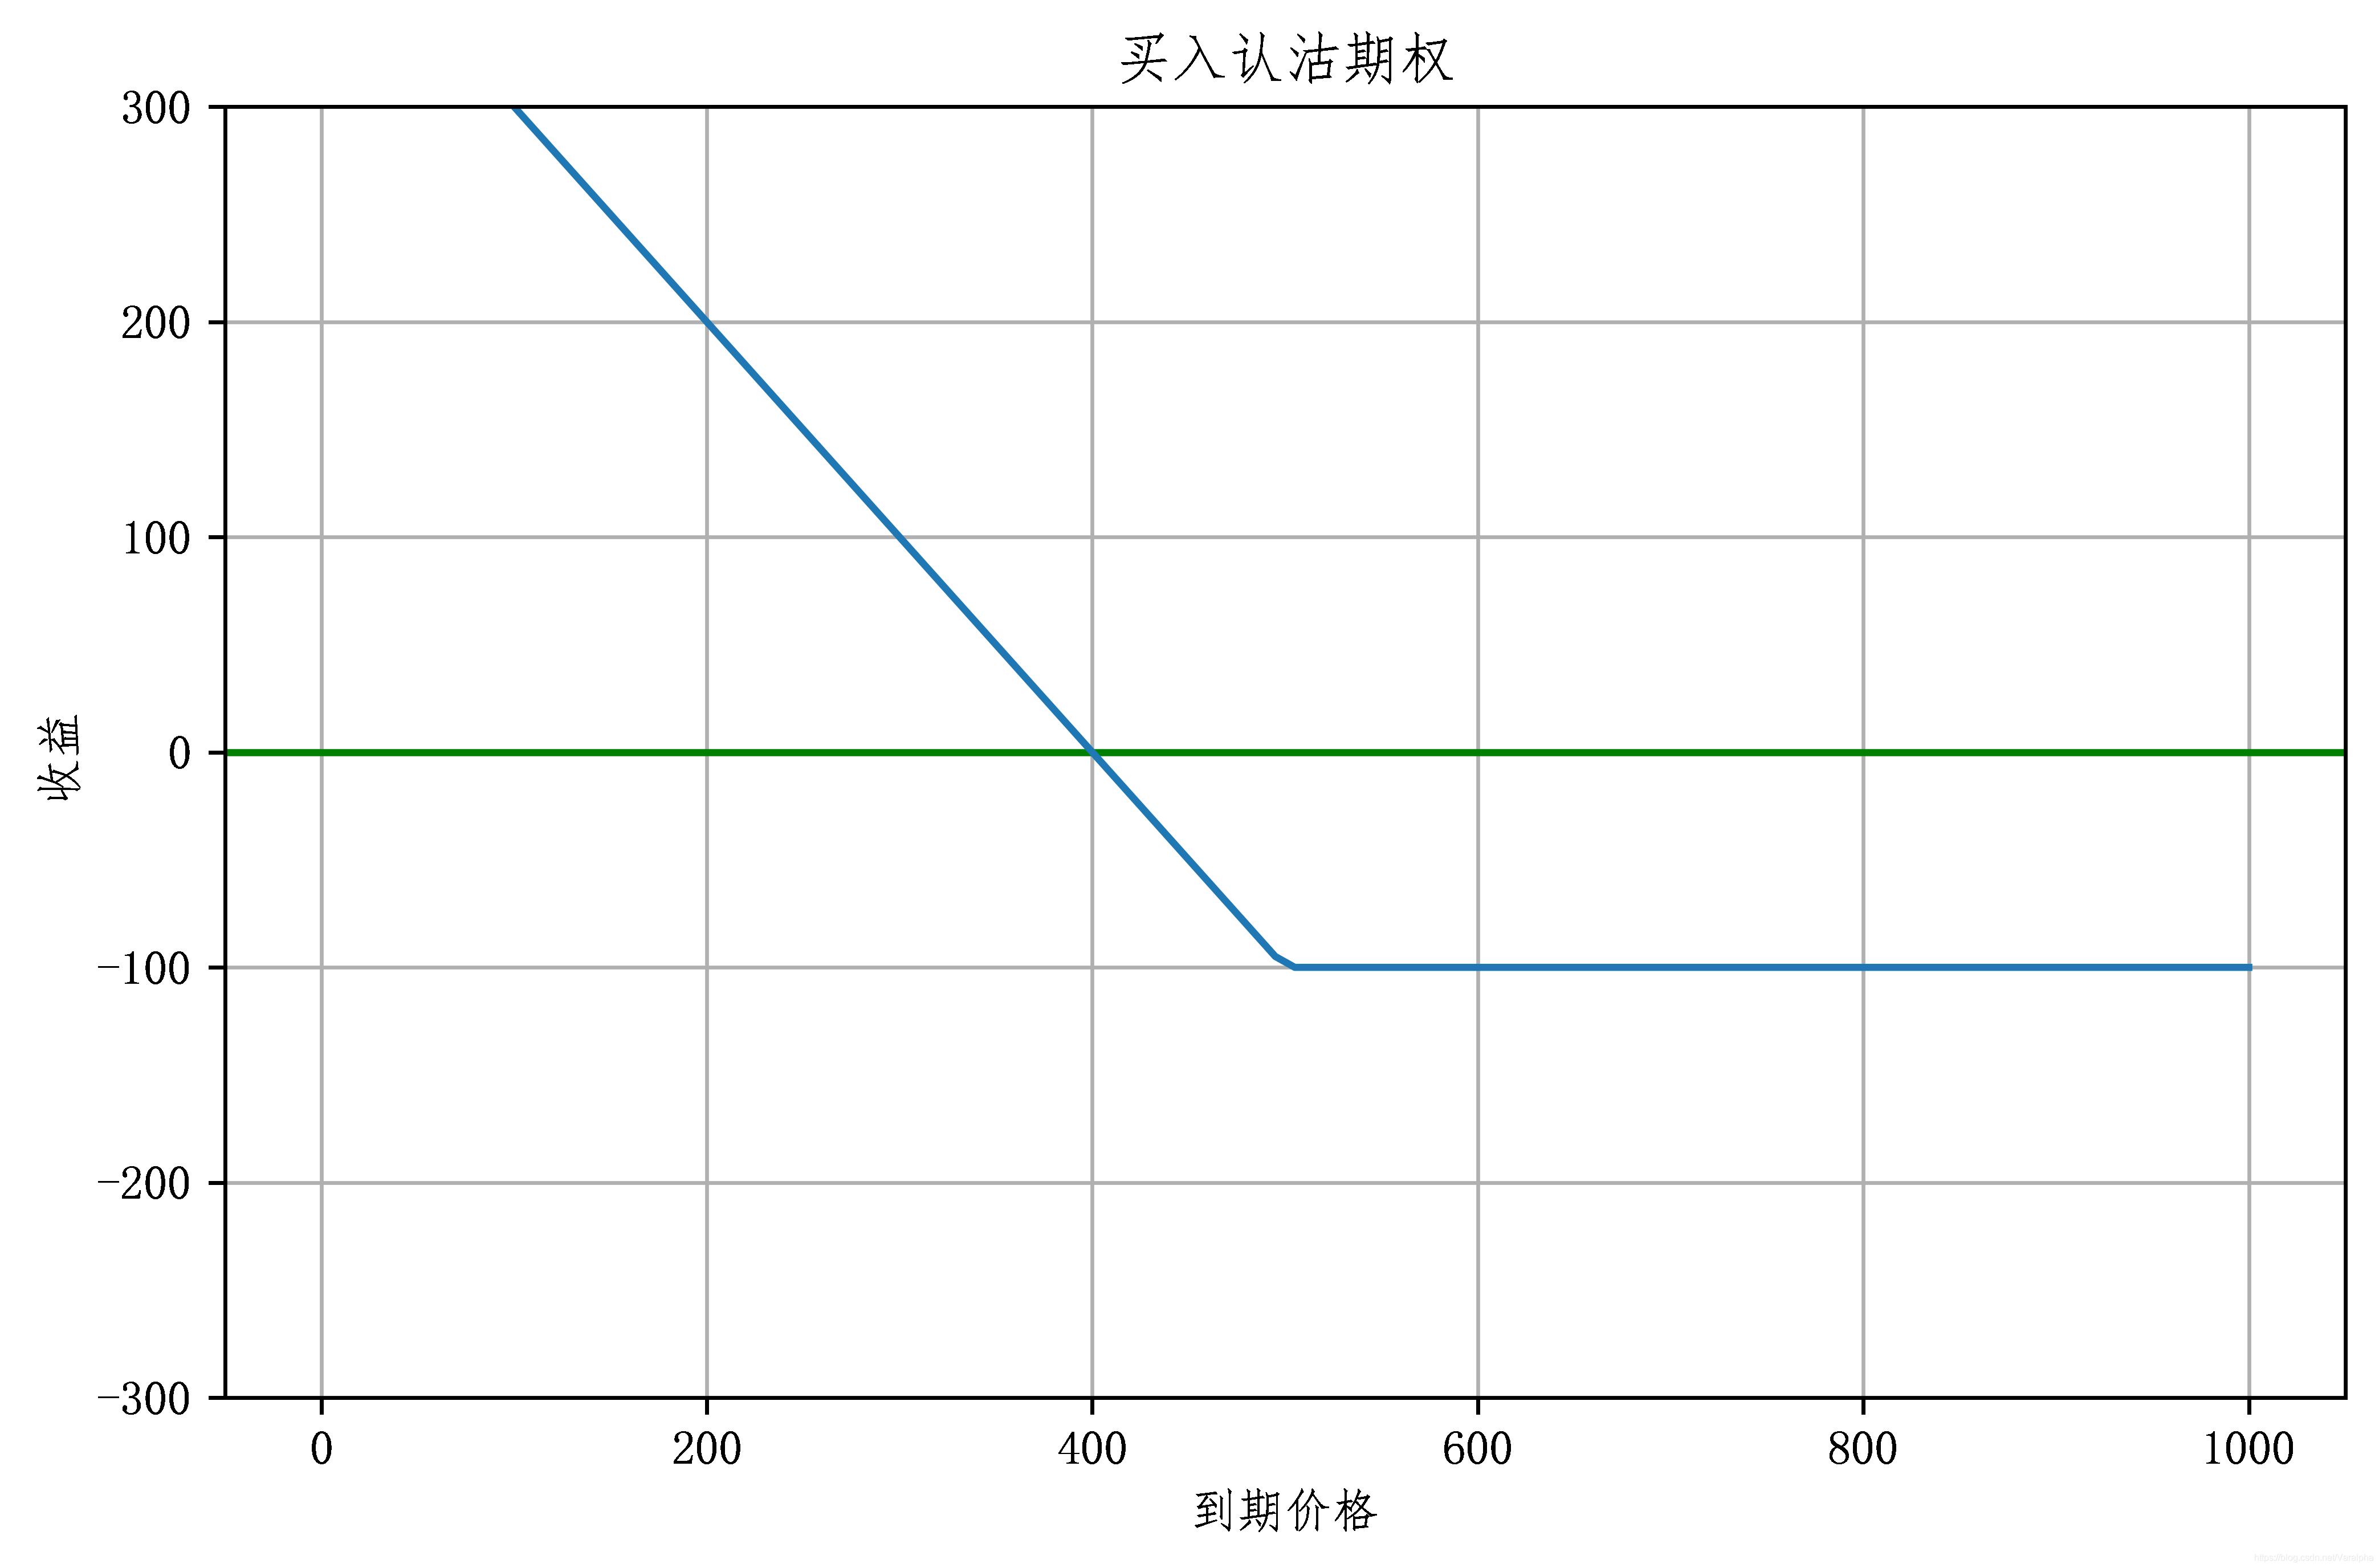 买入认沽线性图